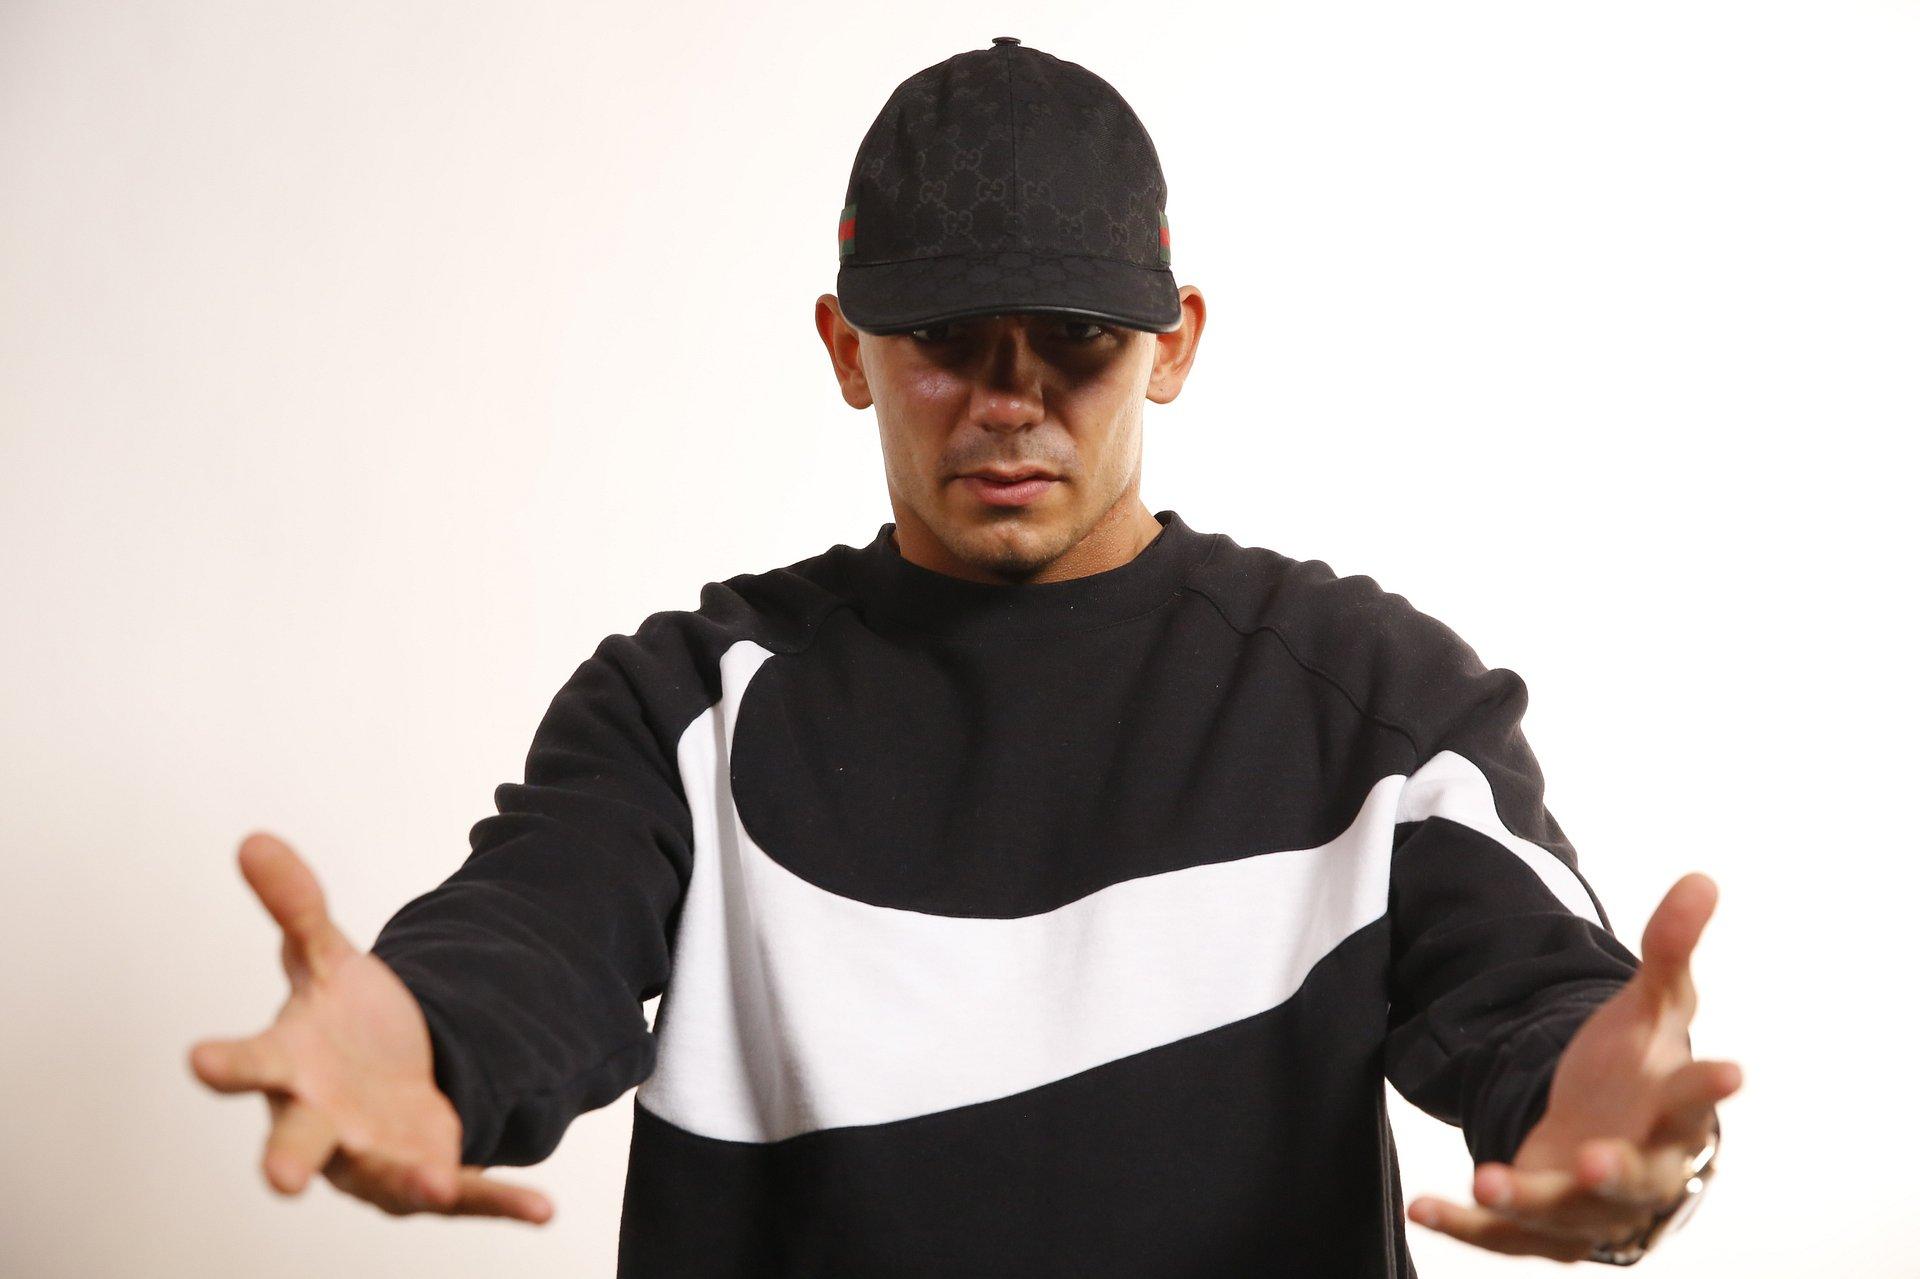 Capital Bra knackt Spotify Rekord